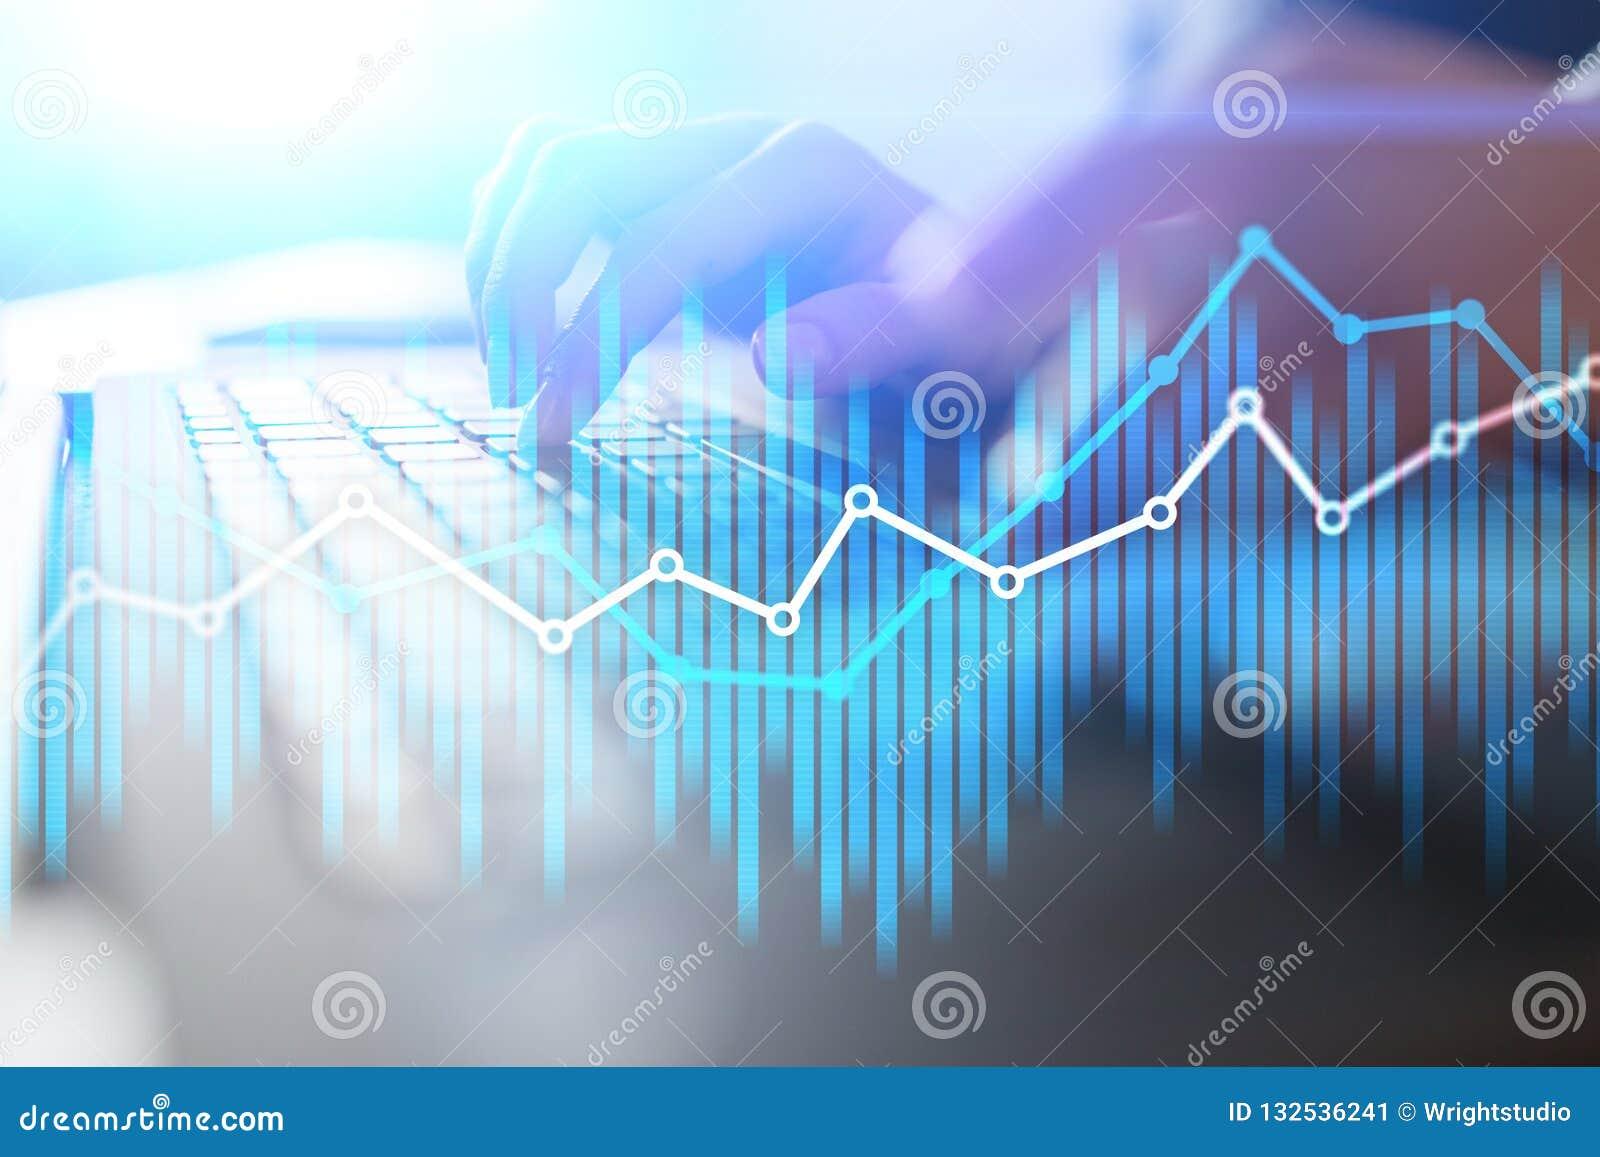 Διπλές οικονομικές διαγράμματα και γραφικές παραστάσεις έκθεσης στην εικονική οθόνη Έννοια on-line εμπορικών συναλλαγών, επιχειρή